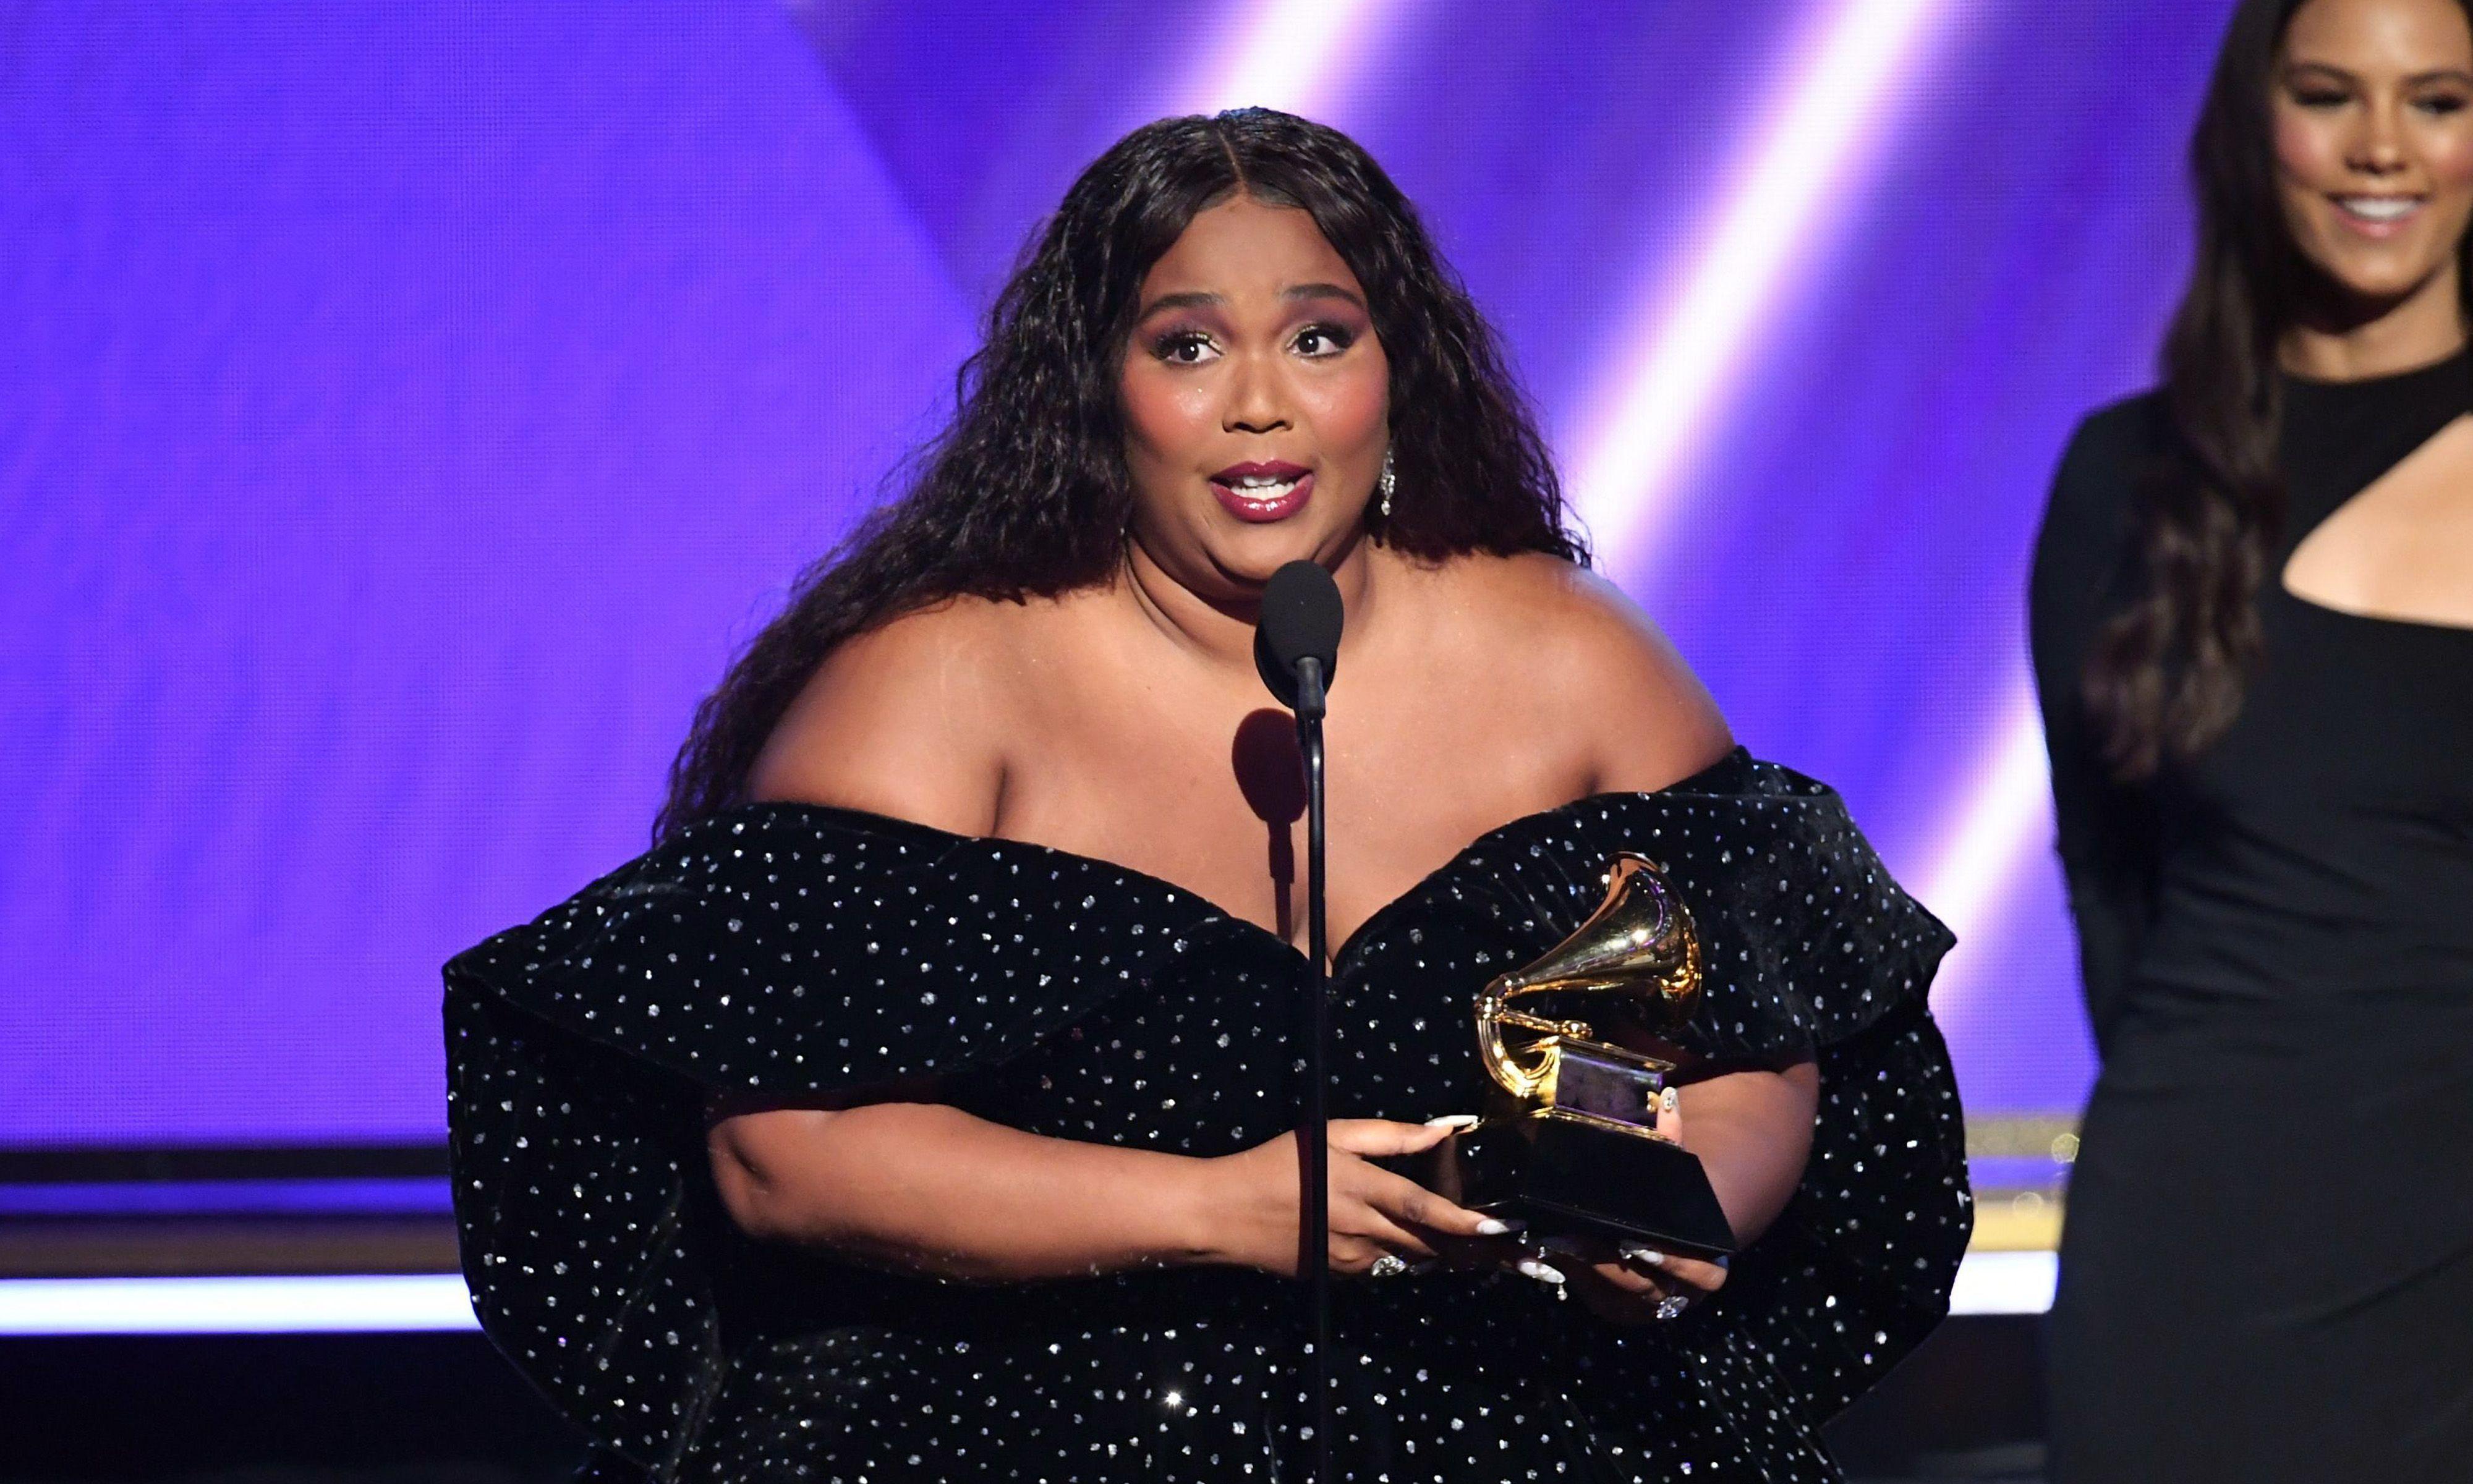 Grammy awards 2020: full list of winners